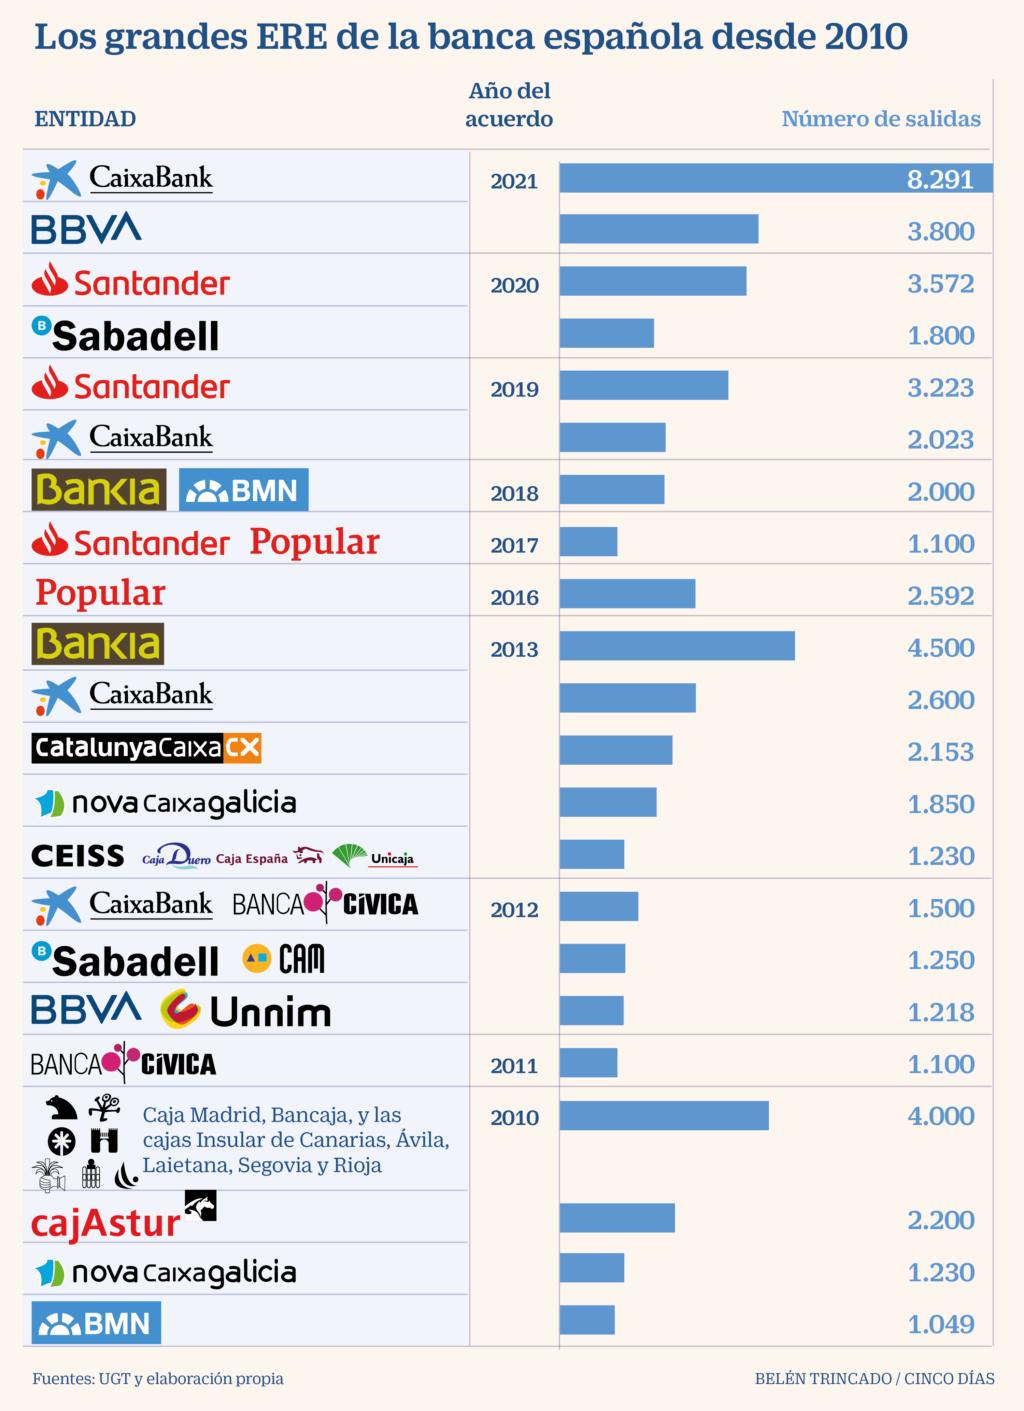 Negocio de la banca en España. El gobierno avala a la banca privada por otros 100.000 millones. Cooperación sindical.  - Página 12 D6984a10